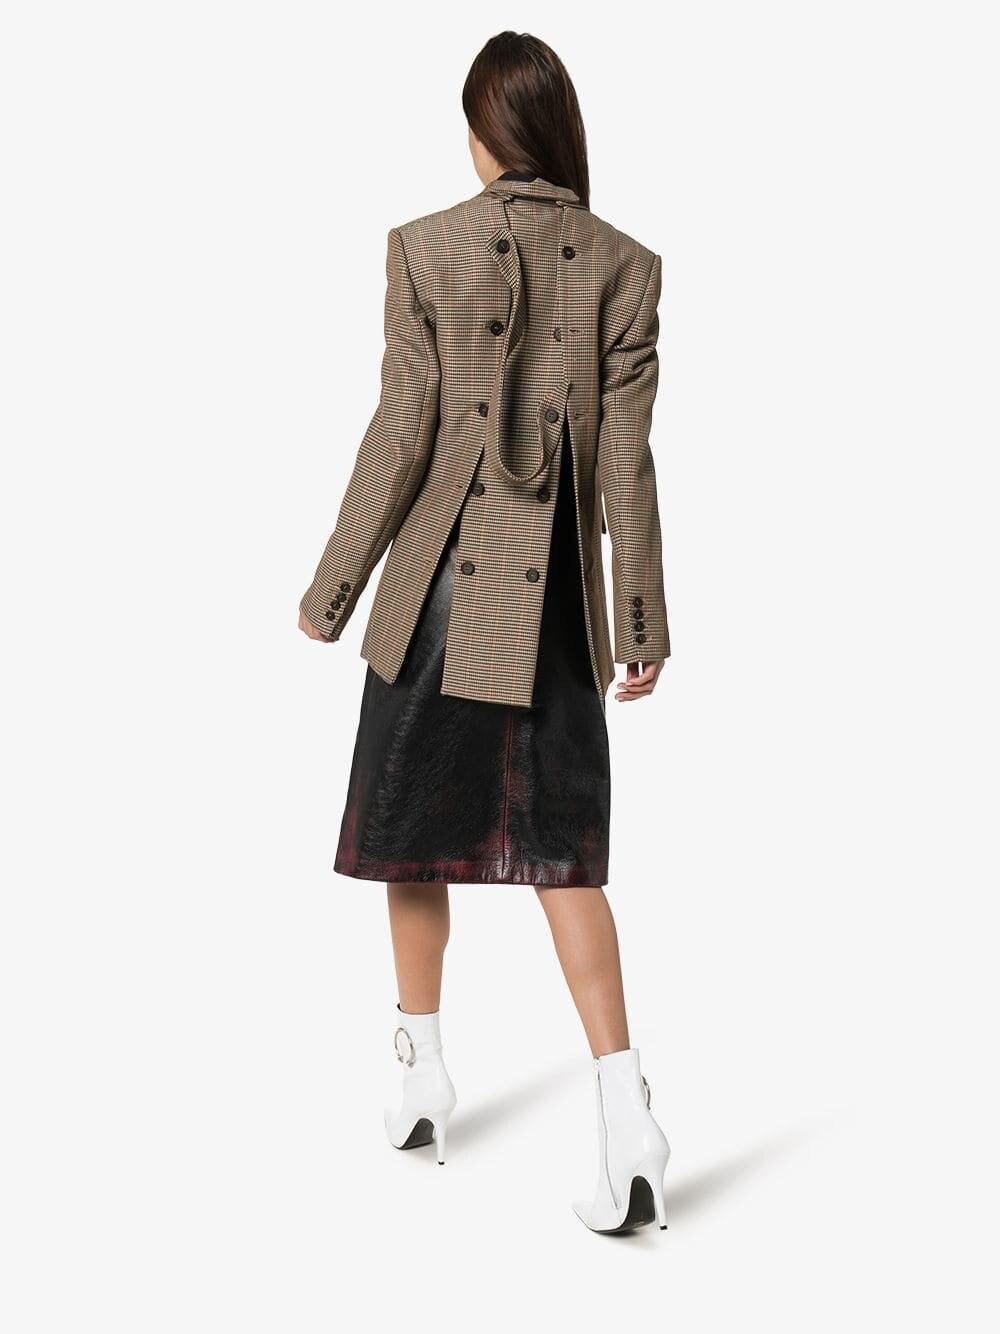 IHOBBY Zurück Taste Frauen Plaid Blazer Mujer Herbst Neue Europäische Station Original Design Weibliche Blazer und Jacken - 2